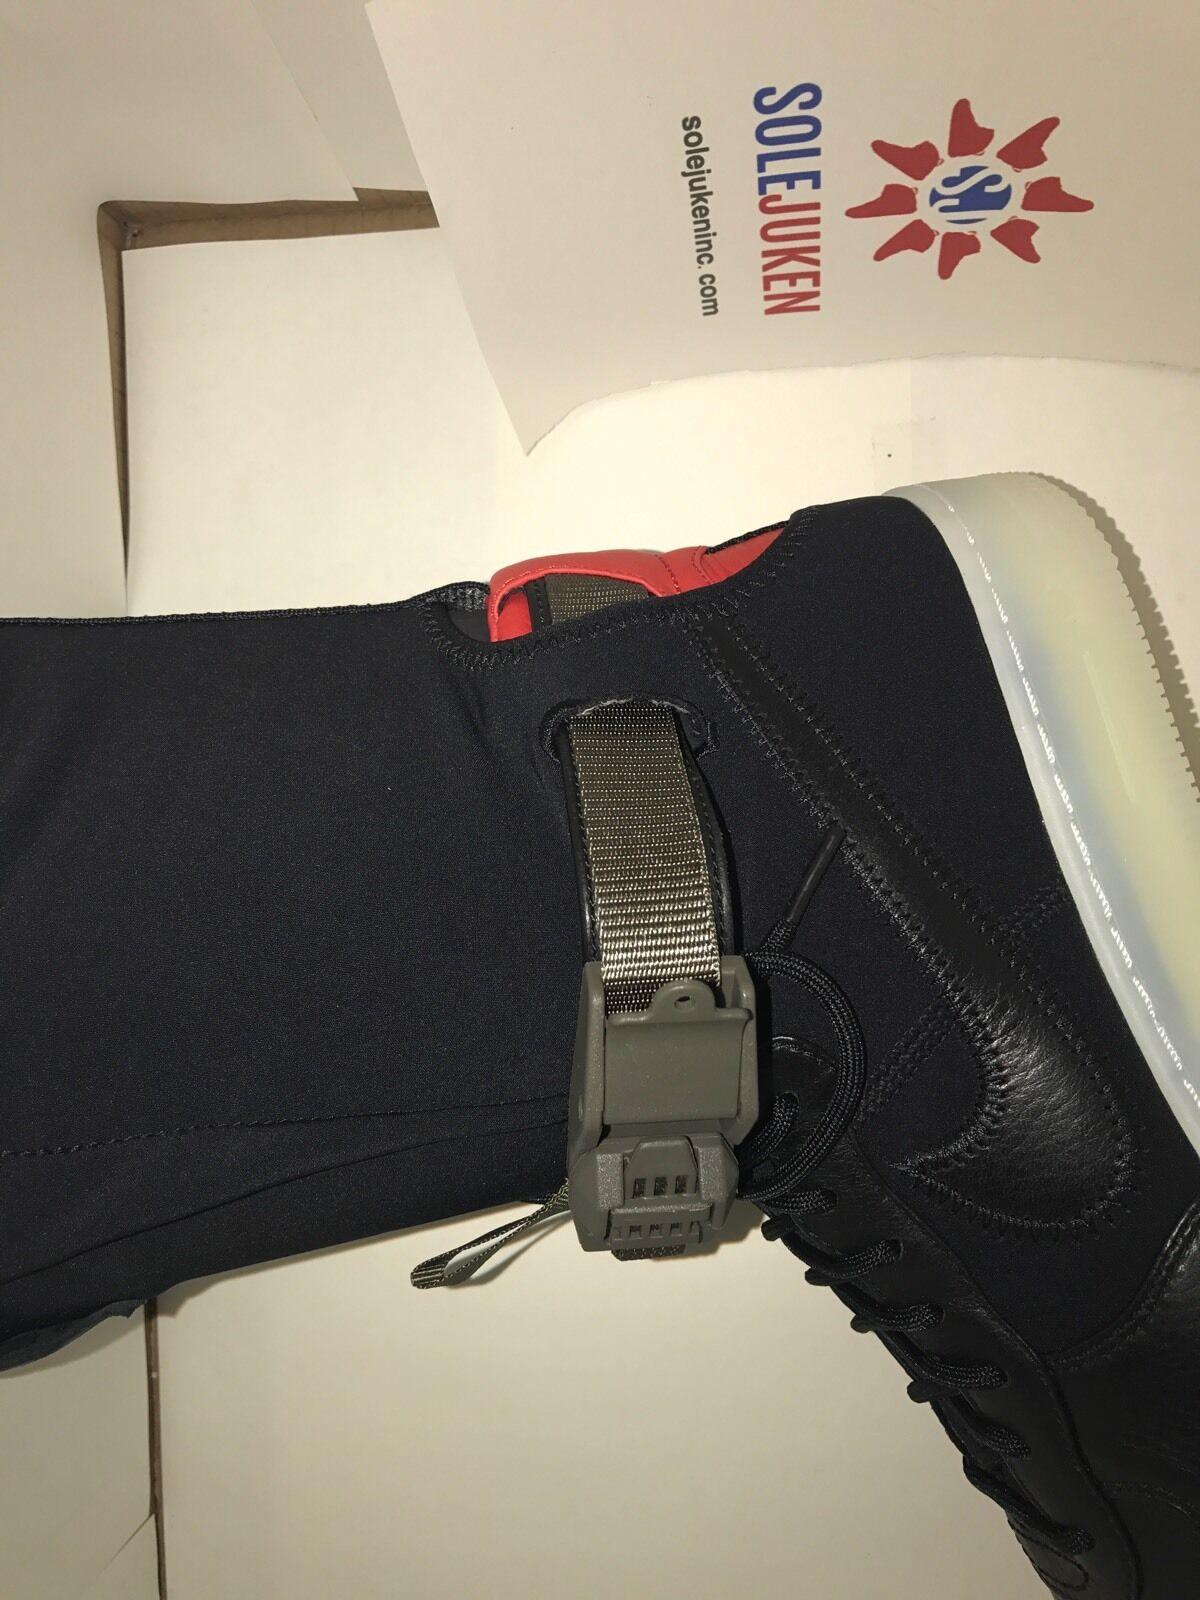 best sneakers 3660e d0a65 ... ACRONYM ACRONYM ACRONYM X NIKE AF1 DOWNTOWN HI SP - SZ 8-13 - DAF1 ...